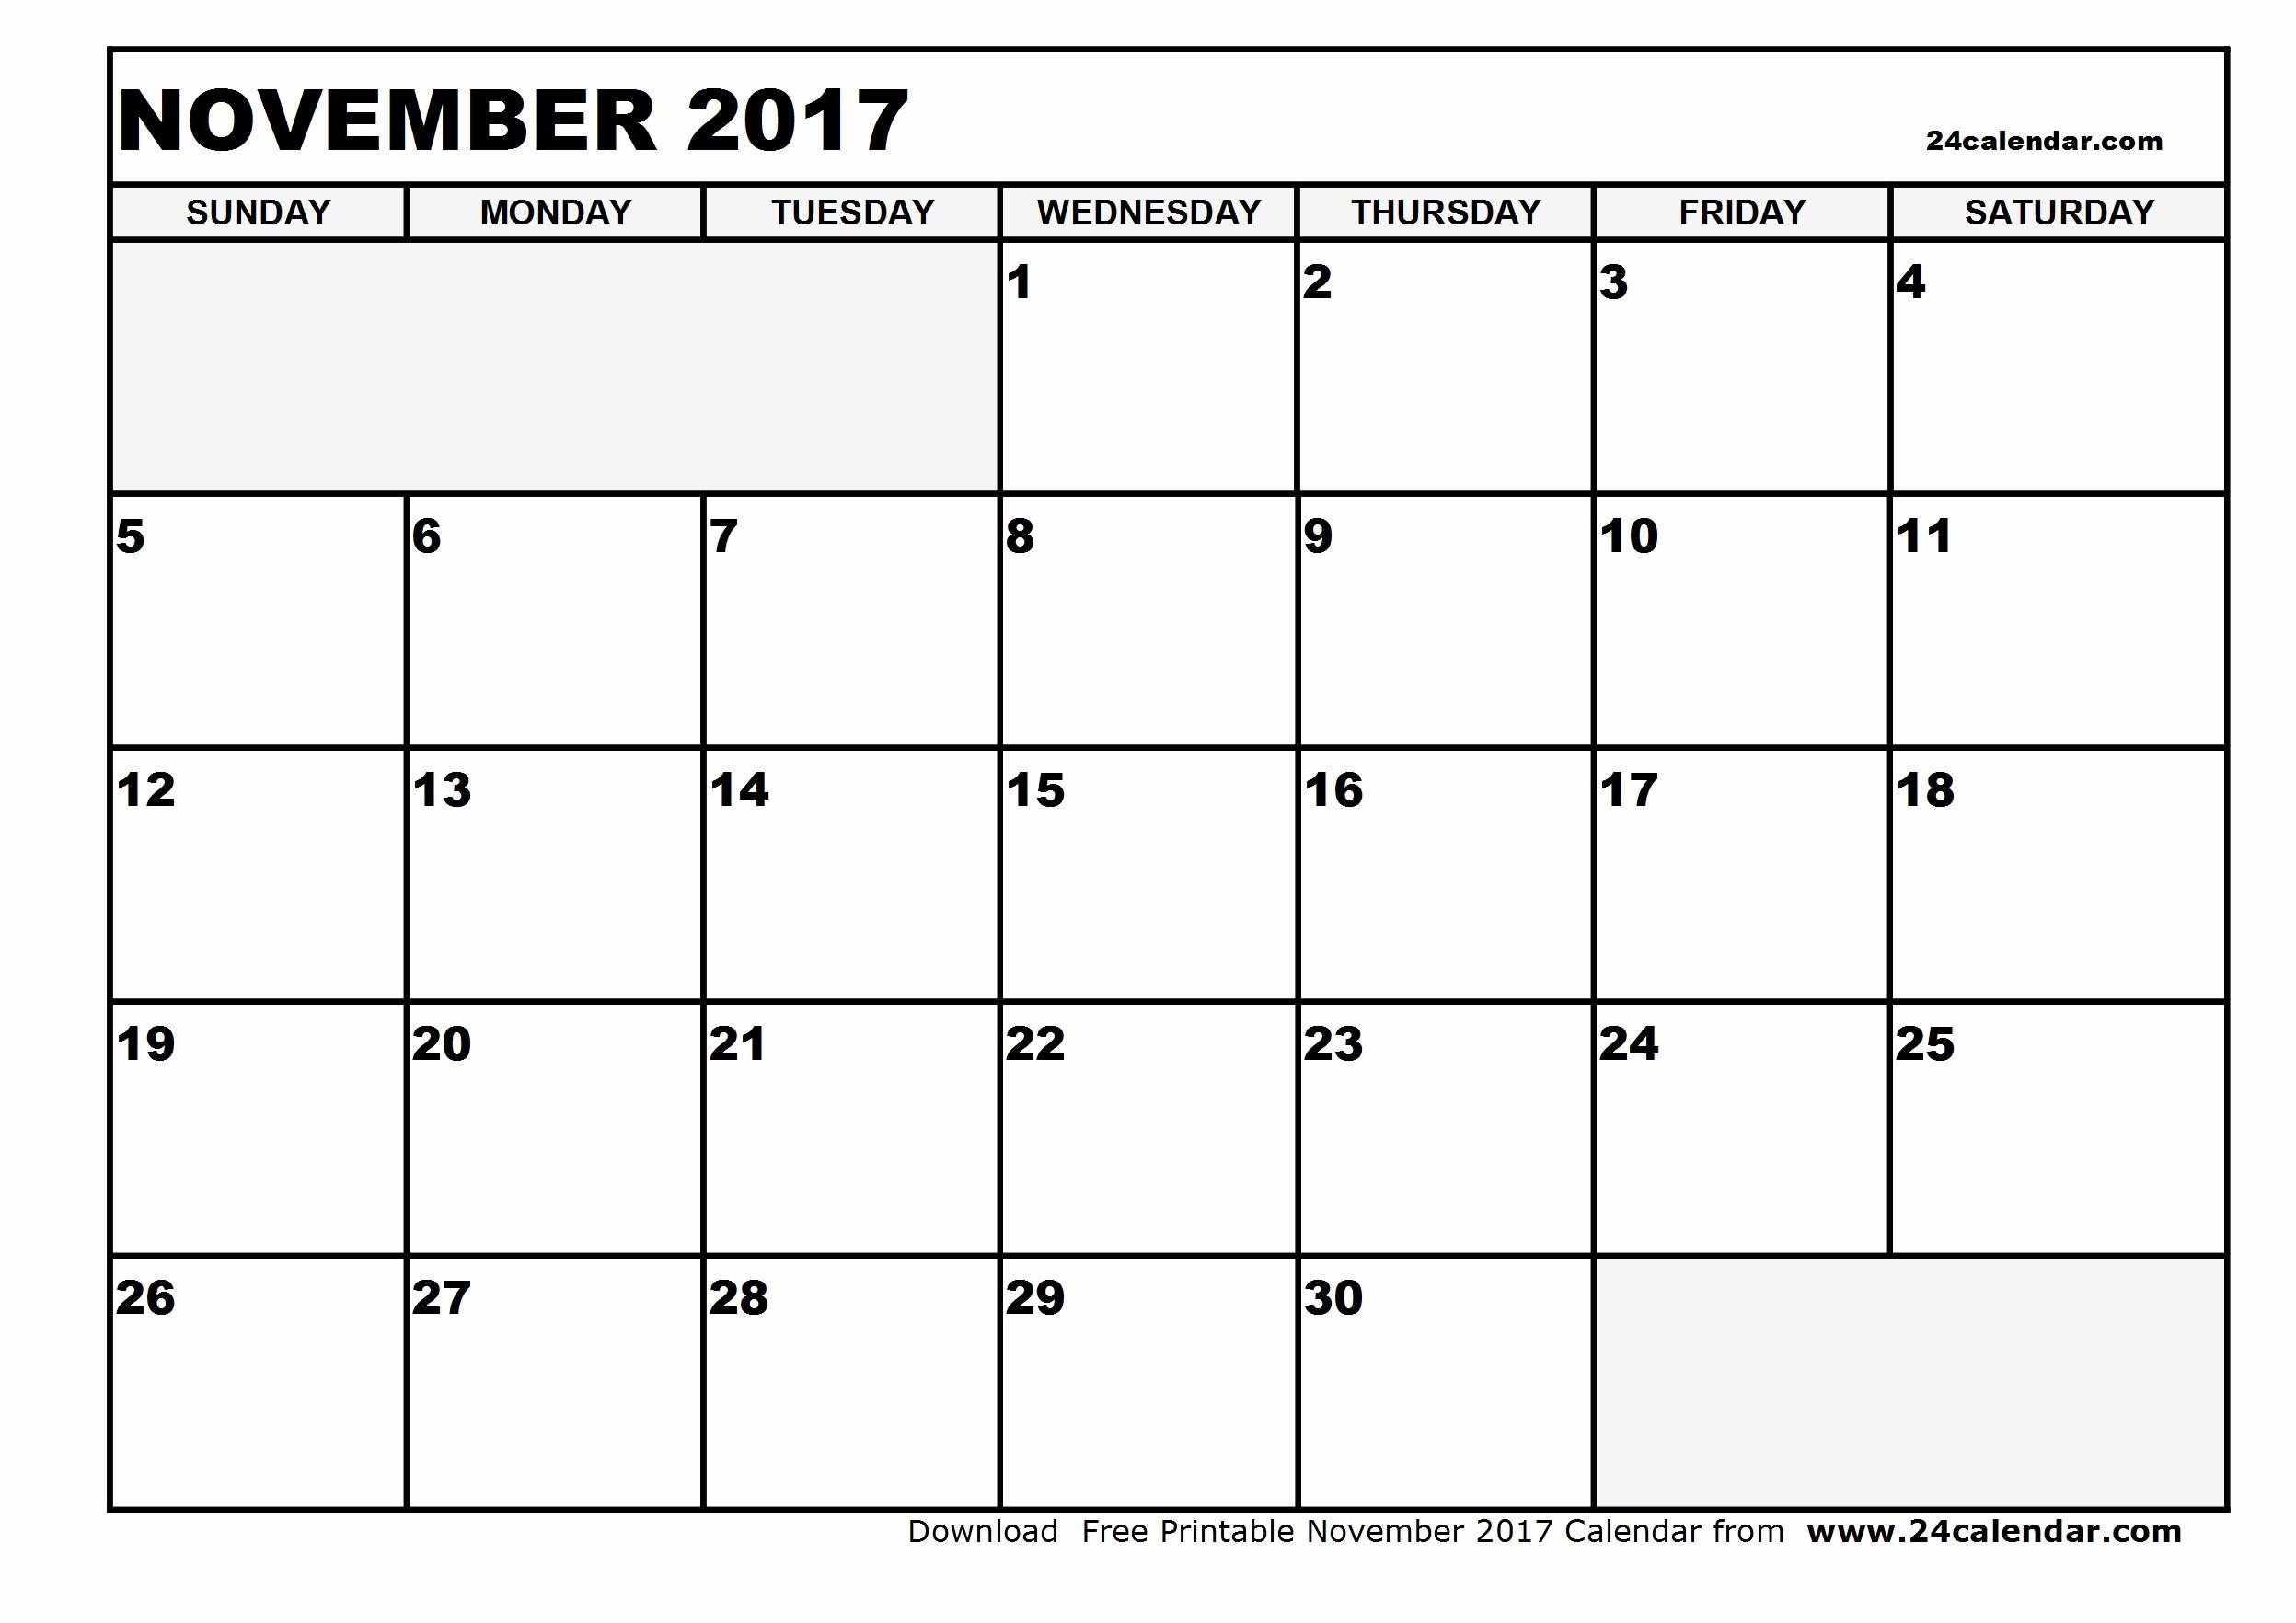 Blank November 2017 Calendar Template Beautiful Blank November 2017 Calendar In Printable format